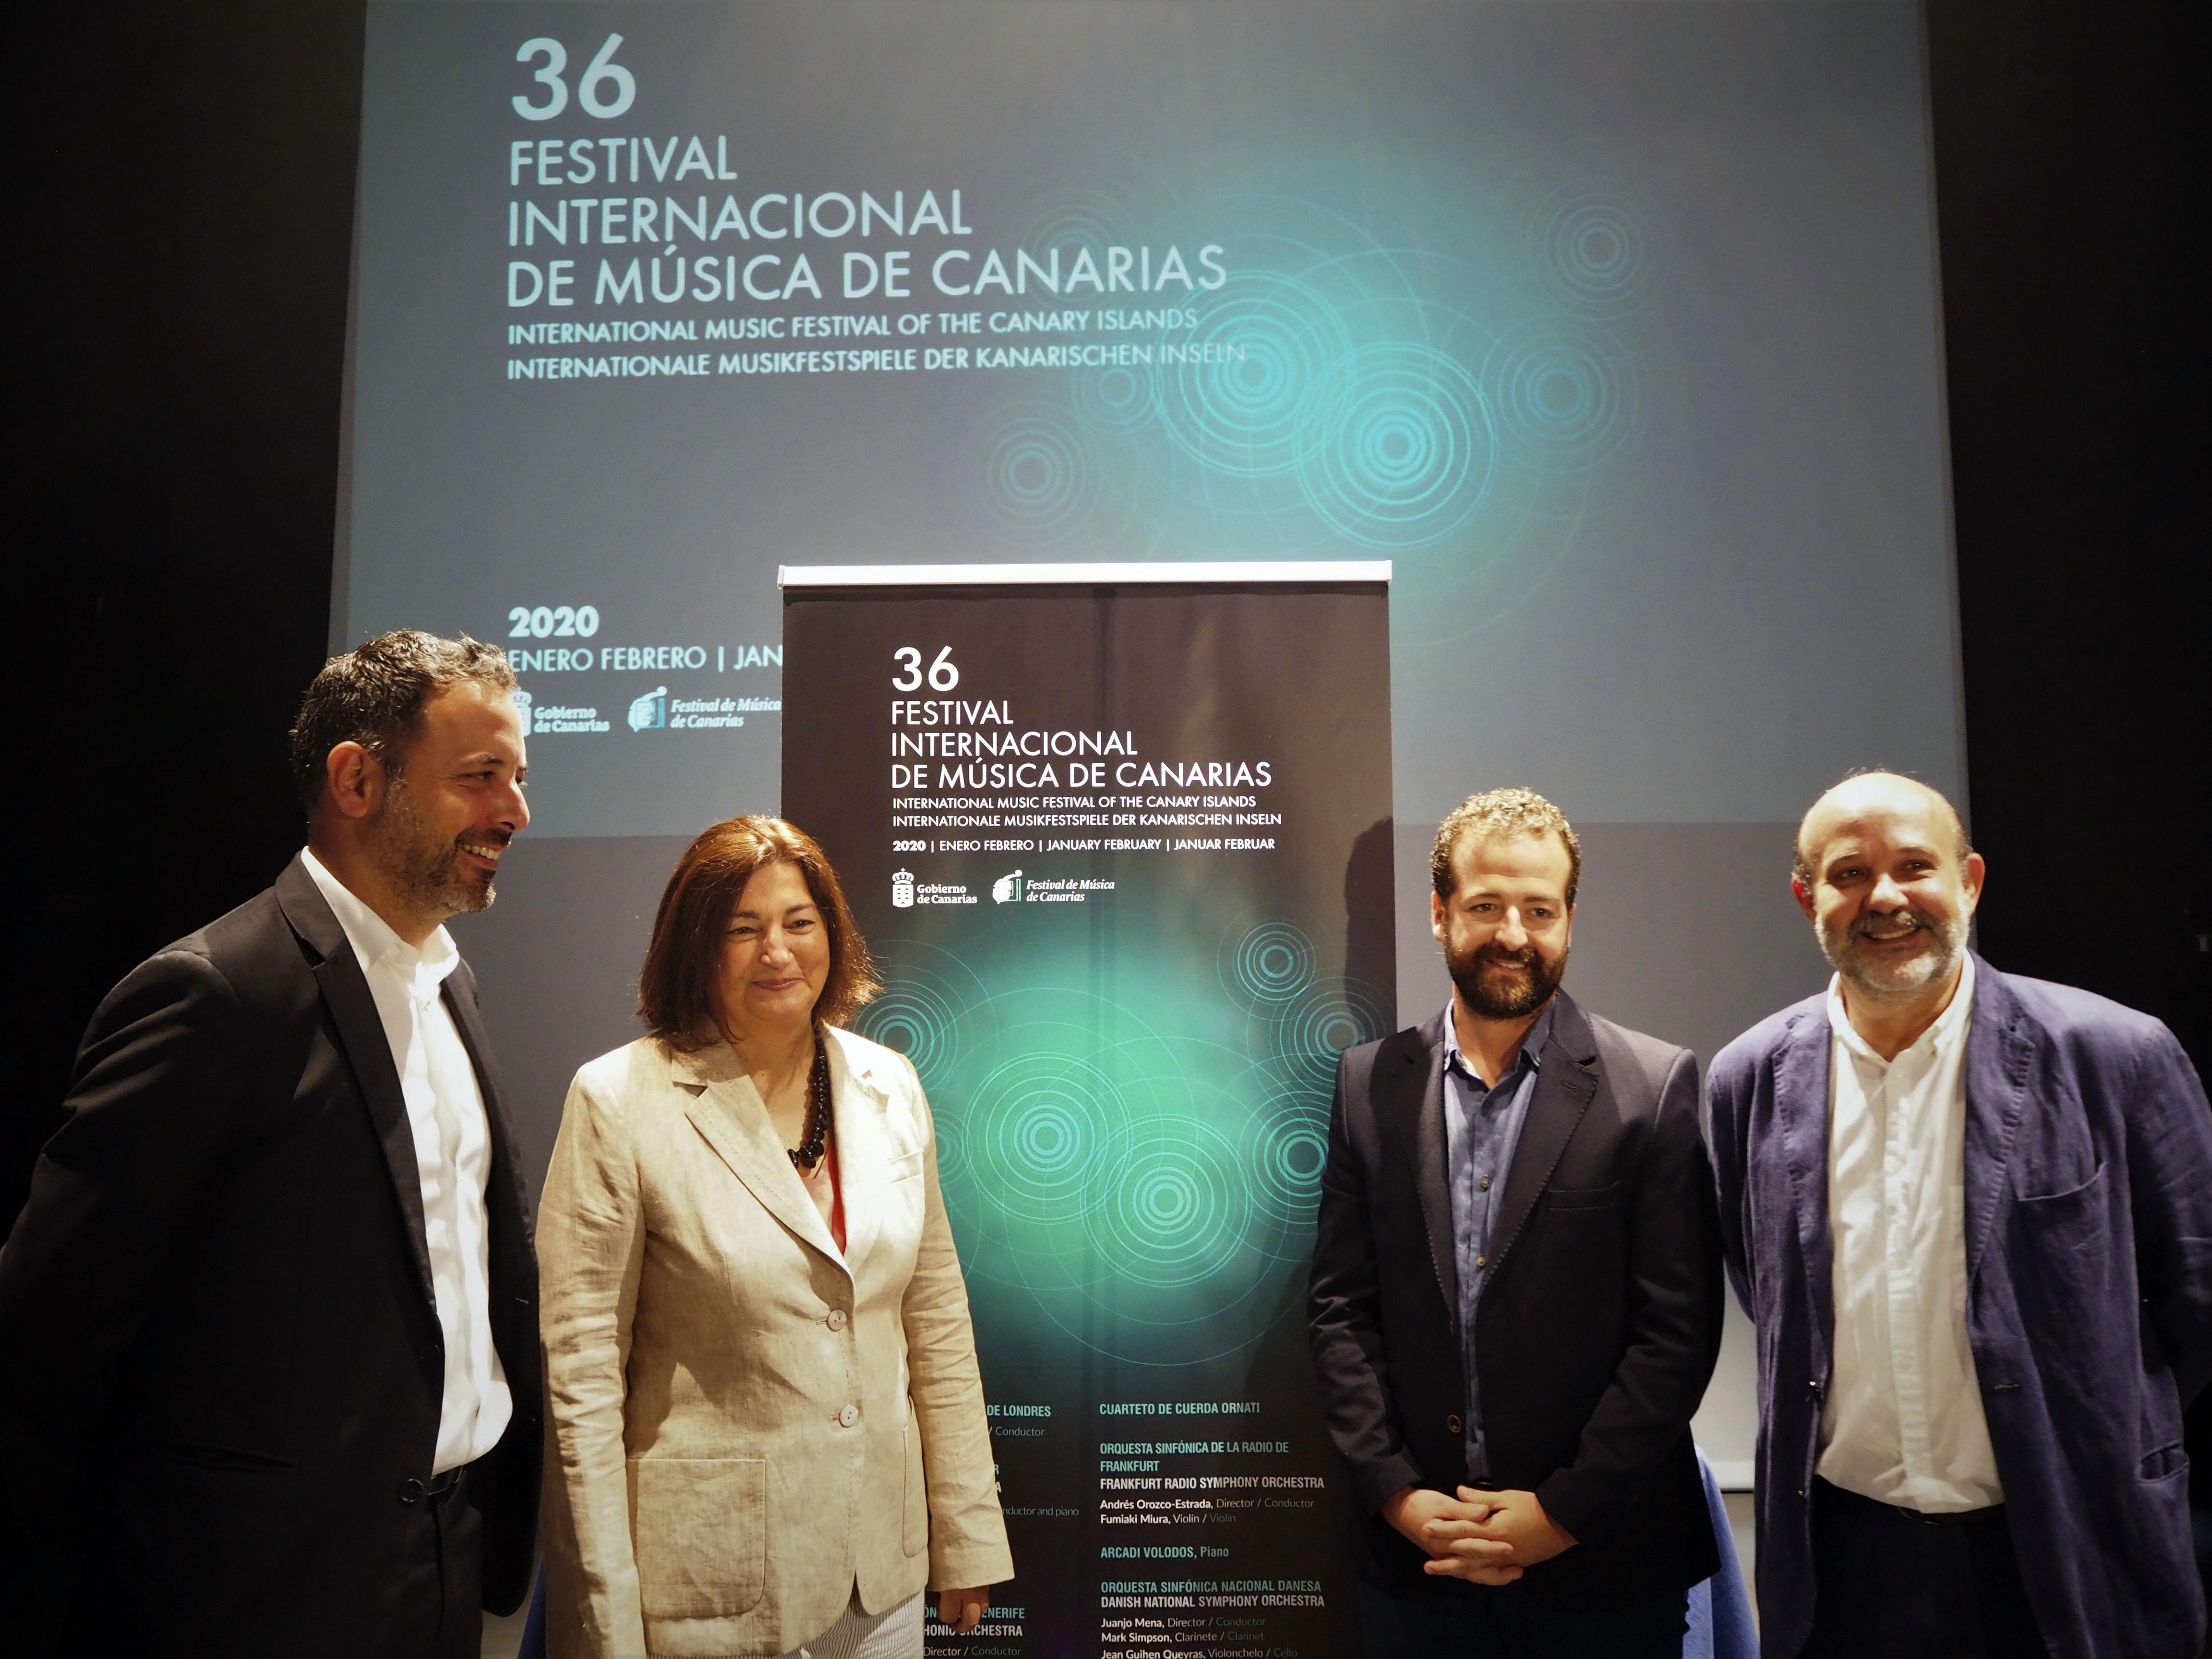 La consejera, junto al viceconsejero y el director del Festival de Música de Canarias